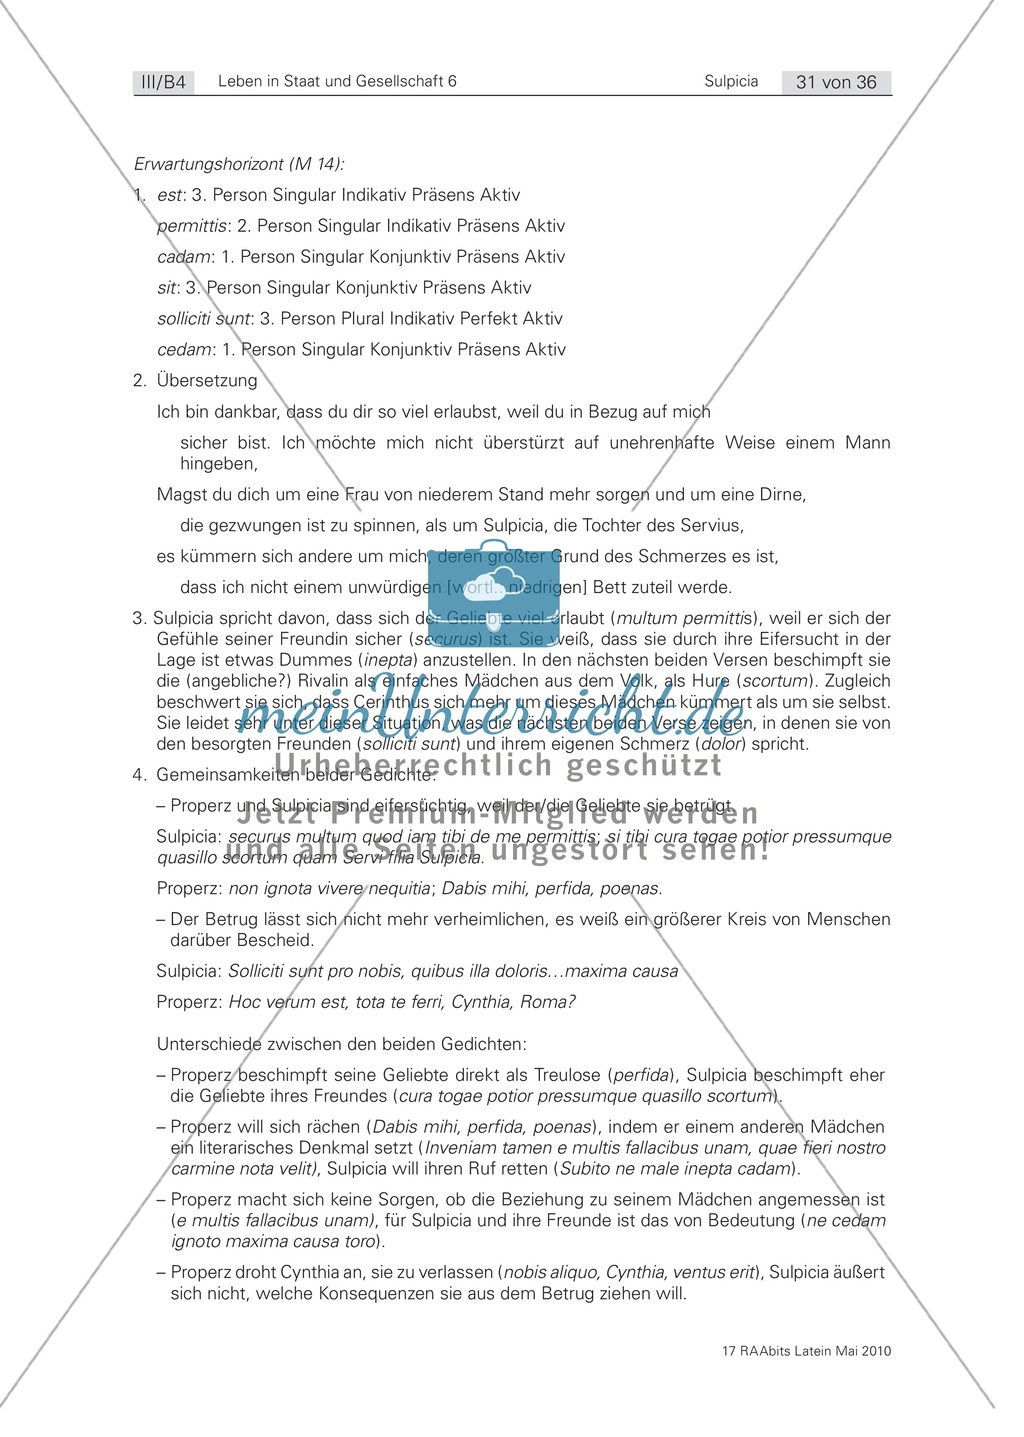 Eifersucht: Gedichte von Sulpicia und Properz im Vergleich. Mit didaktischen Anmerkungen. Preview 2